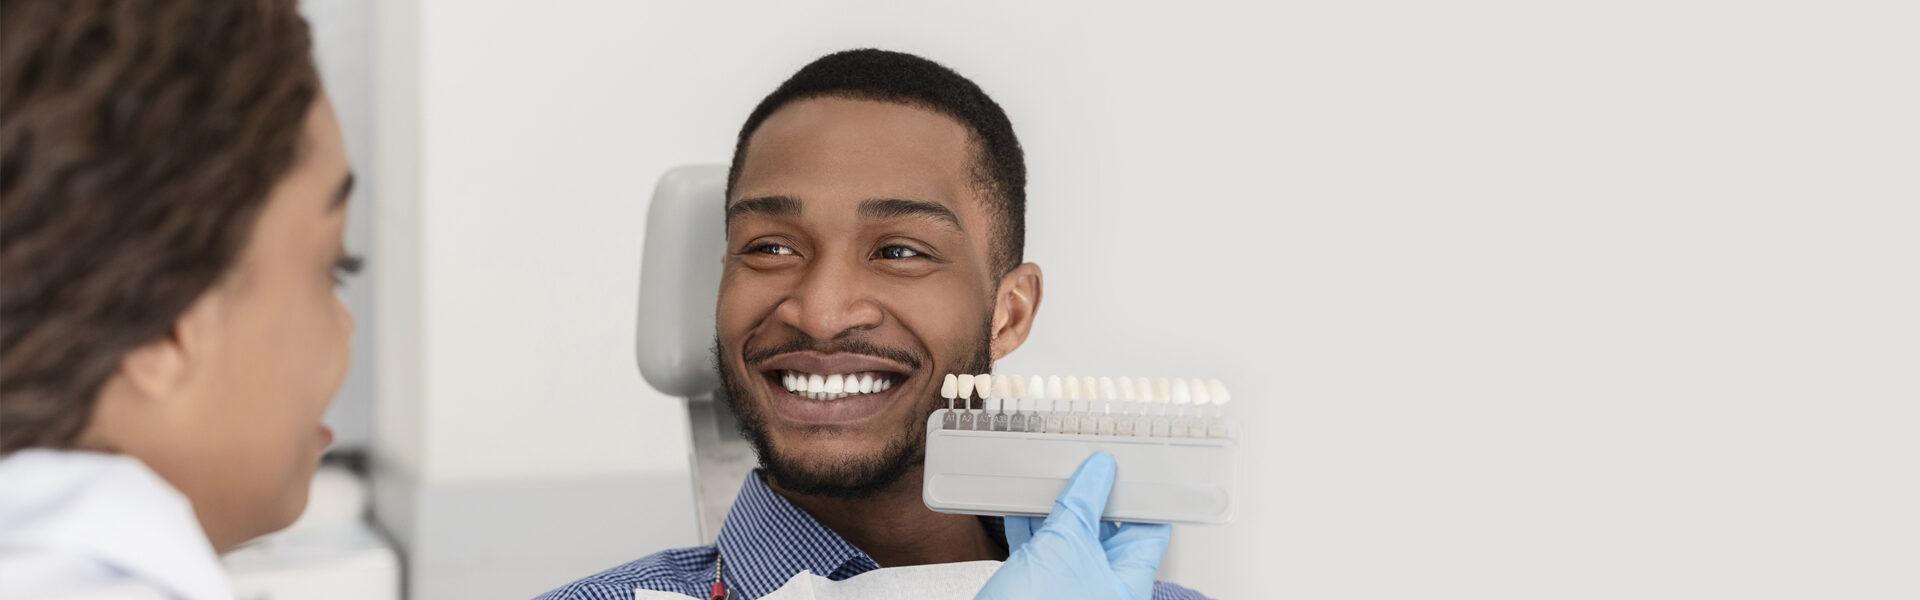 A Comprehensive Guide to Getting Dental Veneers